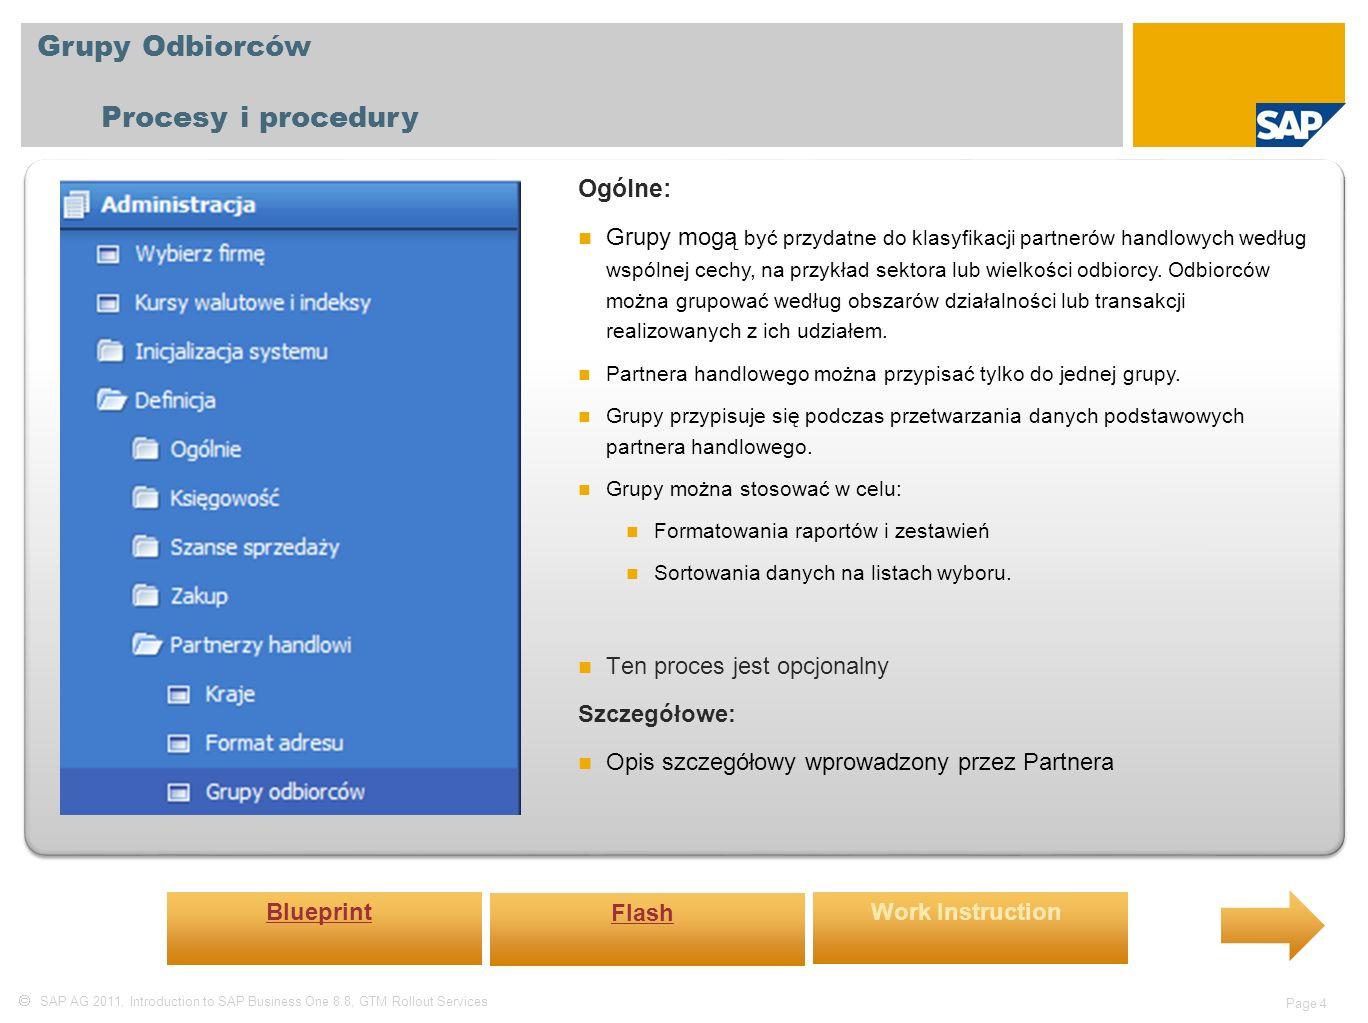  SAP AG 2011, Introduction to SAP Business One 8.8, GTM Rollout Services Page 4 Grupy Odbiorców Procesy i procedury Ogólne: Grupy mogą być przydatne do klasyfikacji partnerów handlowych według wspólnej cechy, na przykład sektora lub wielkości odbiorcy.